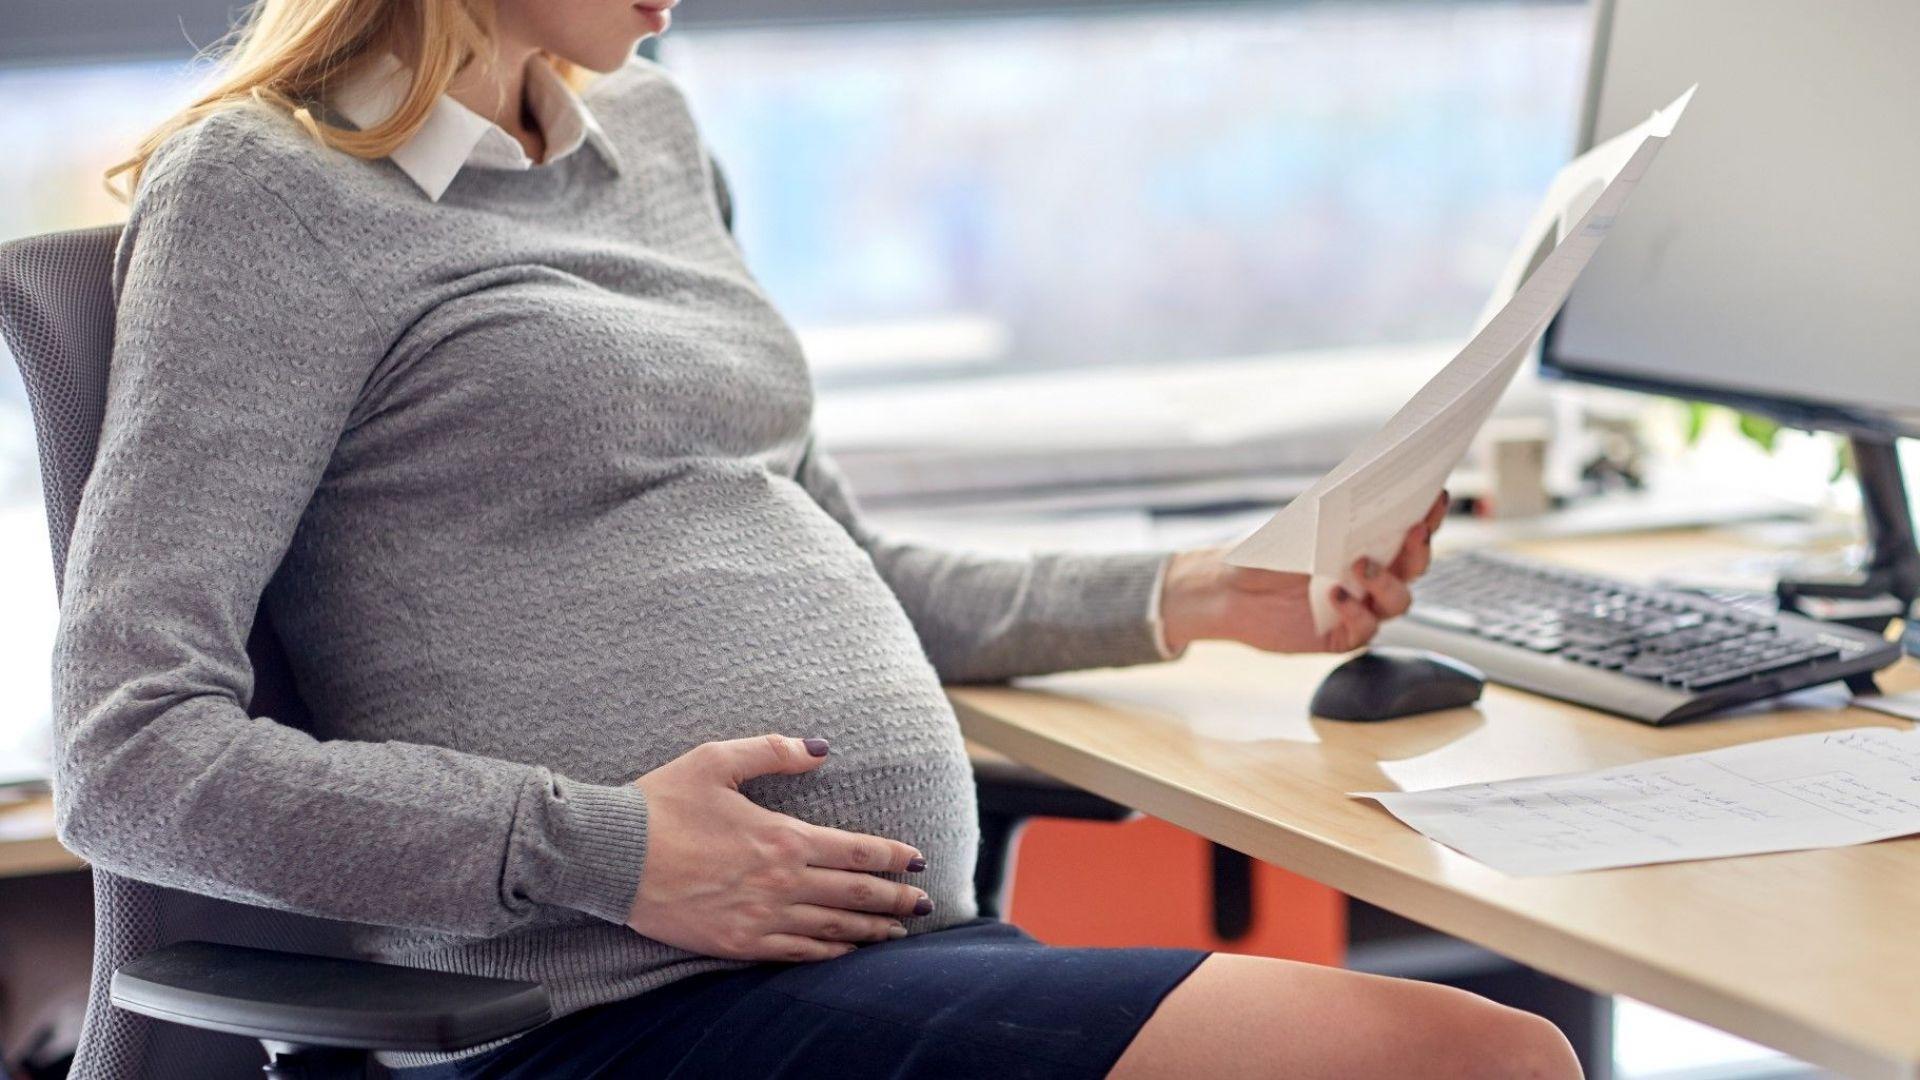 Майки се връщат предсрочно на работа срещу бонус